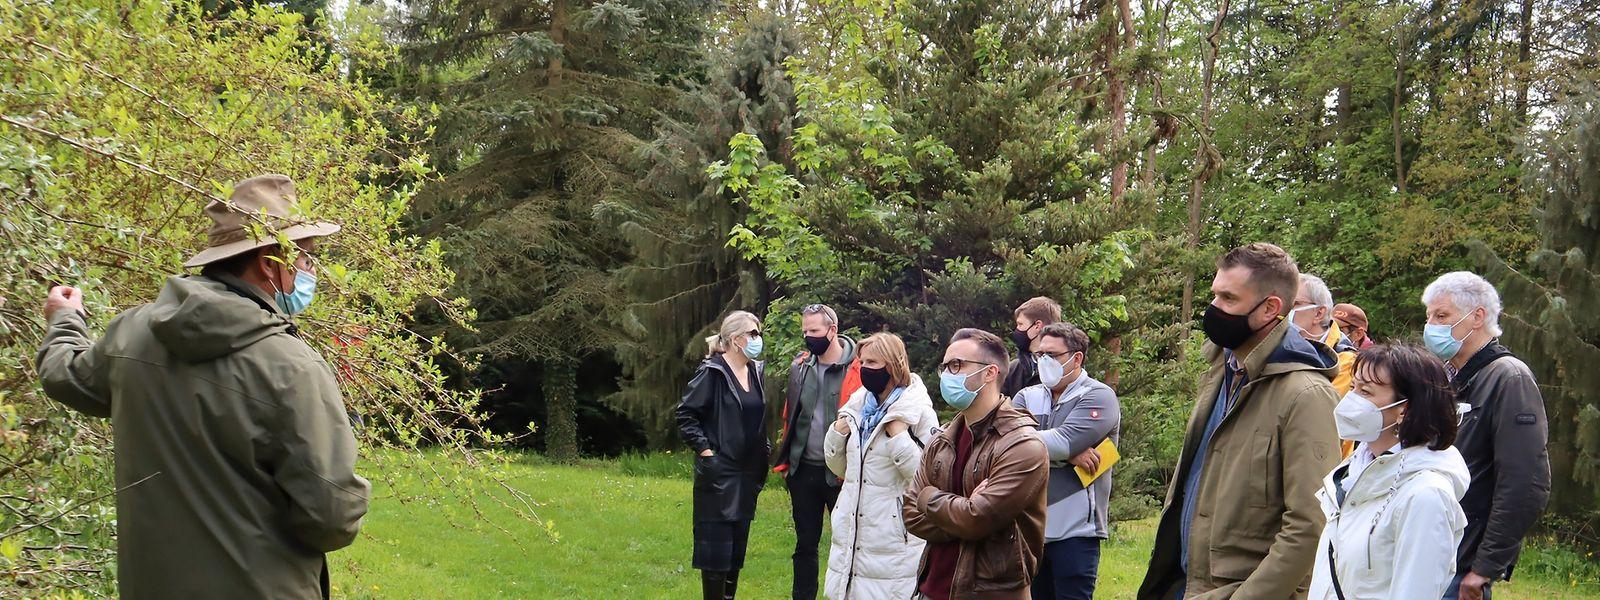 Eike Jablonski leitete dieser Tage eine Delegation Gemeindevertreter durch das Arboretum in Ettelbrück.